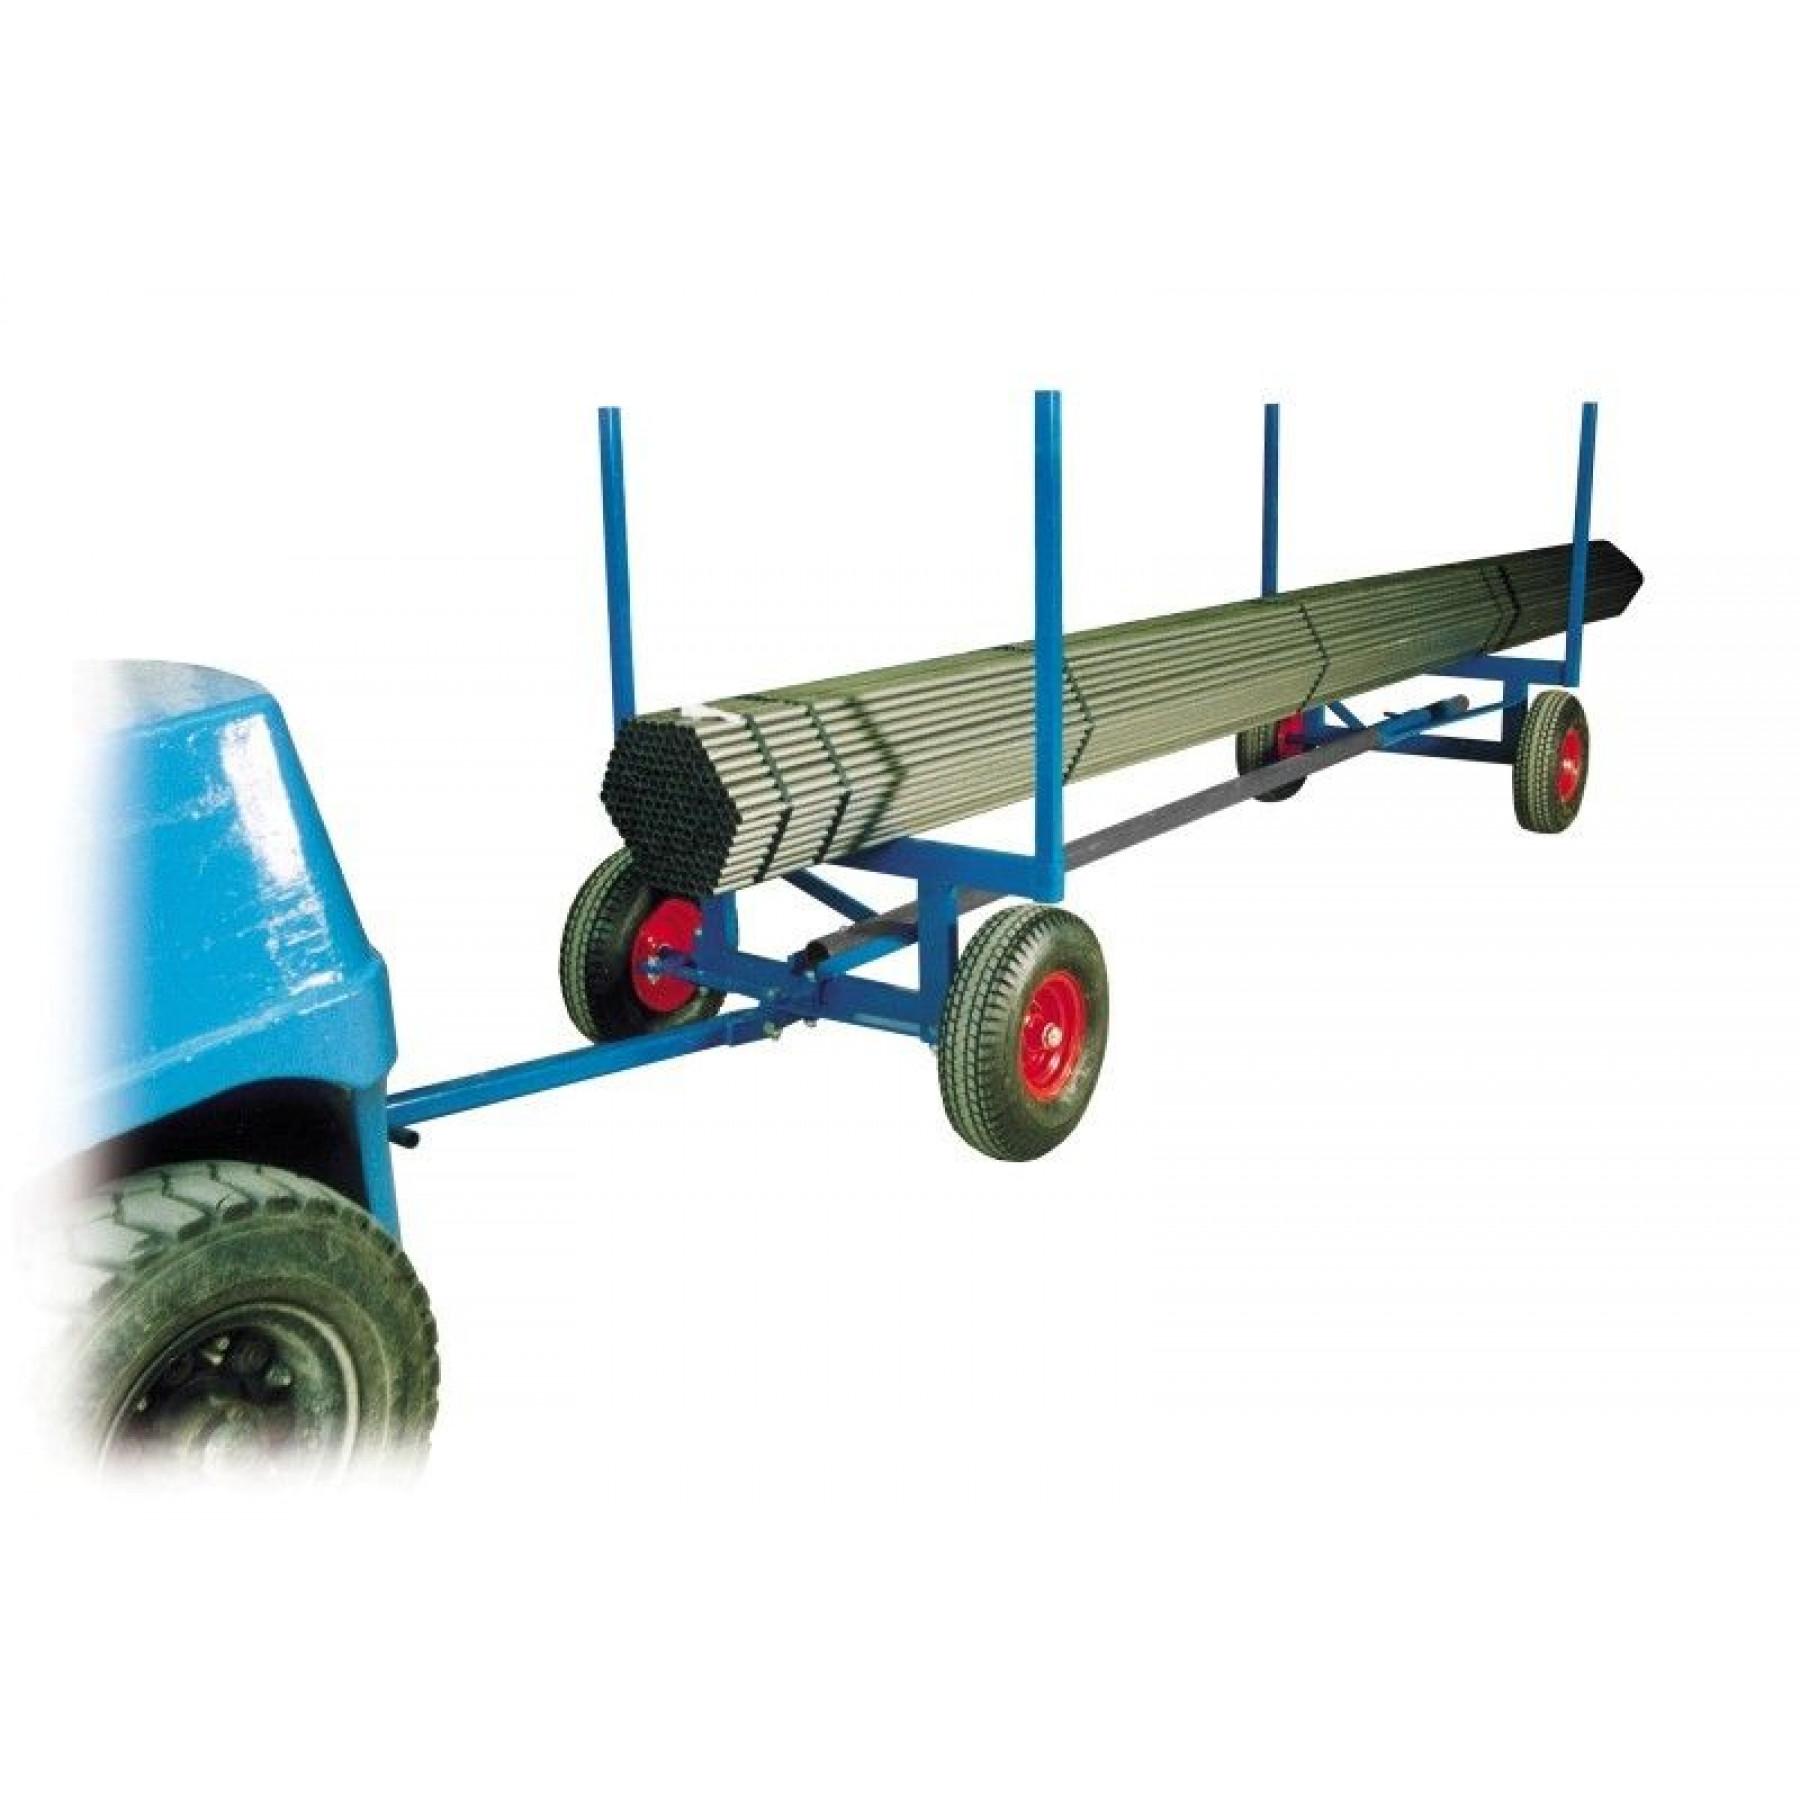 Langmateriaalaanhanger 3500 kg op luchtbandwielen, KM 125